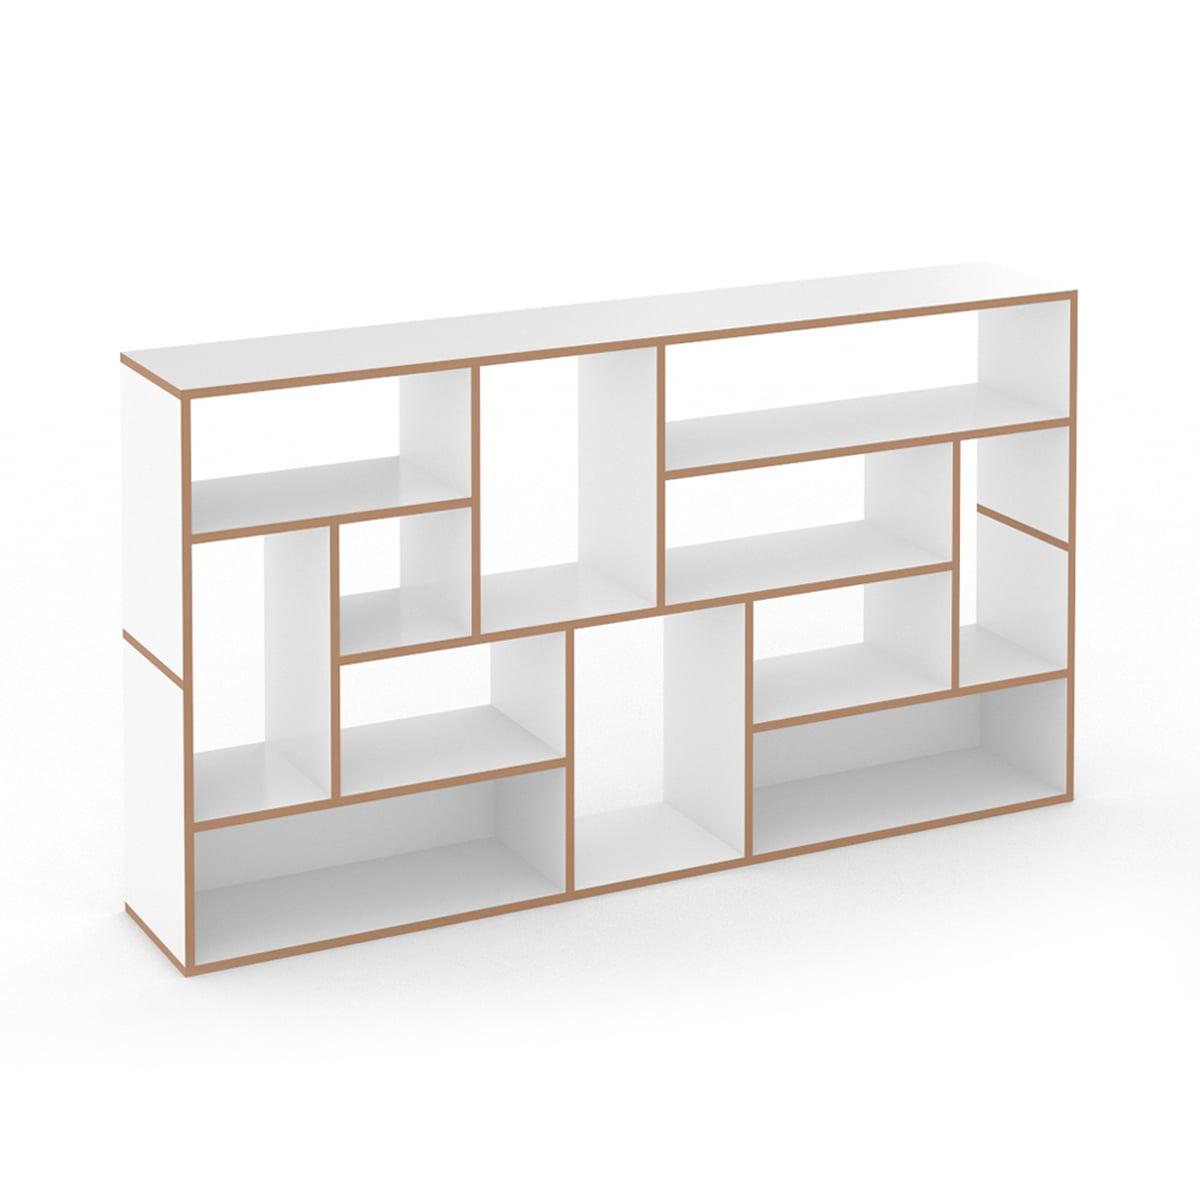 Tojo - Hanibal Regalsystem, side | Wohnzimmer > Regale > Regalsysteme | Weiß | Mdf beschichtet / verbindung lamello clamex | Tojo